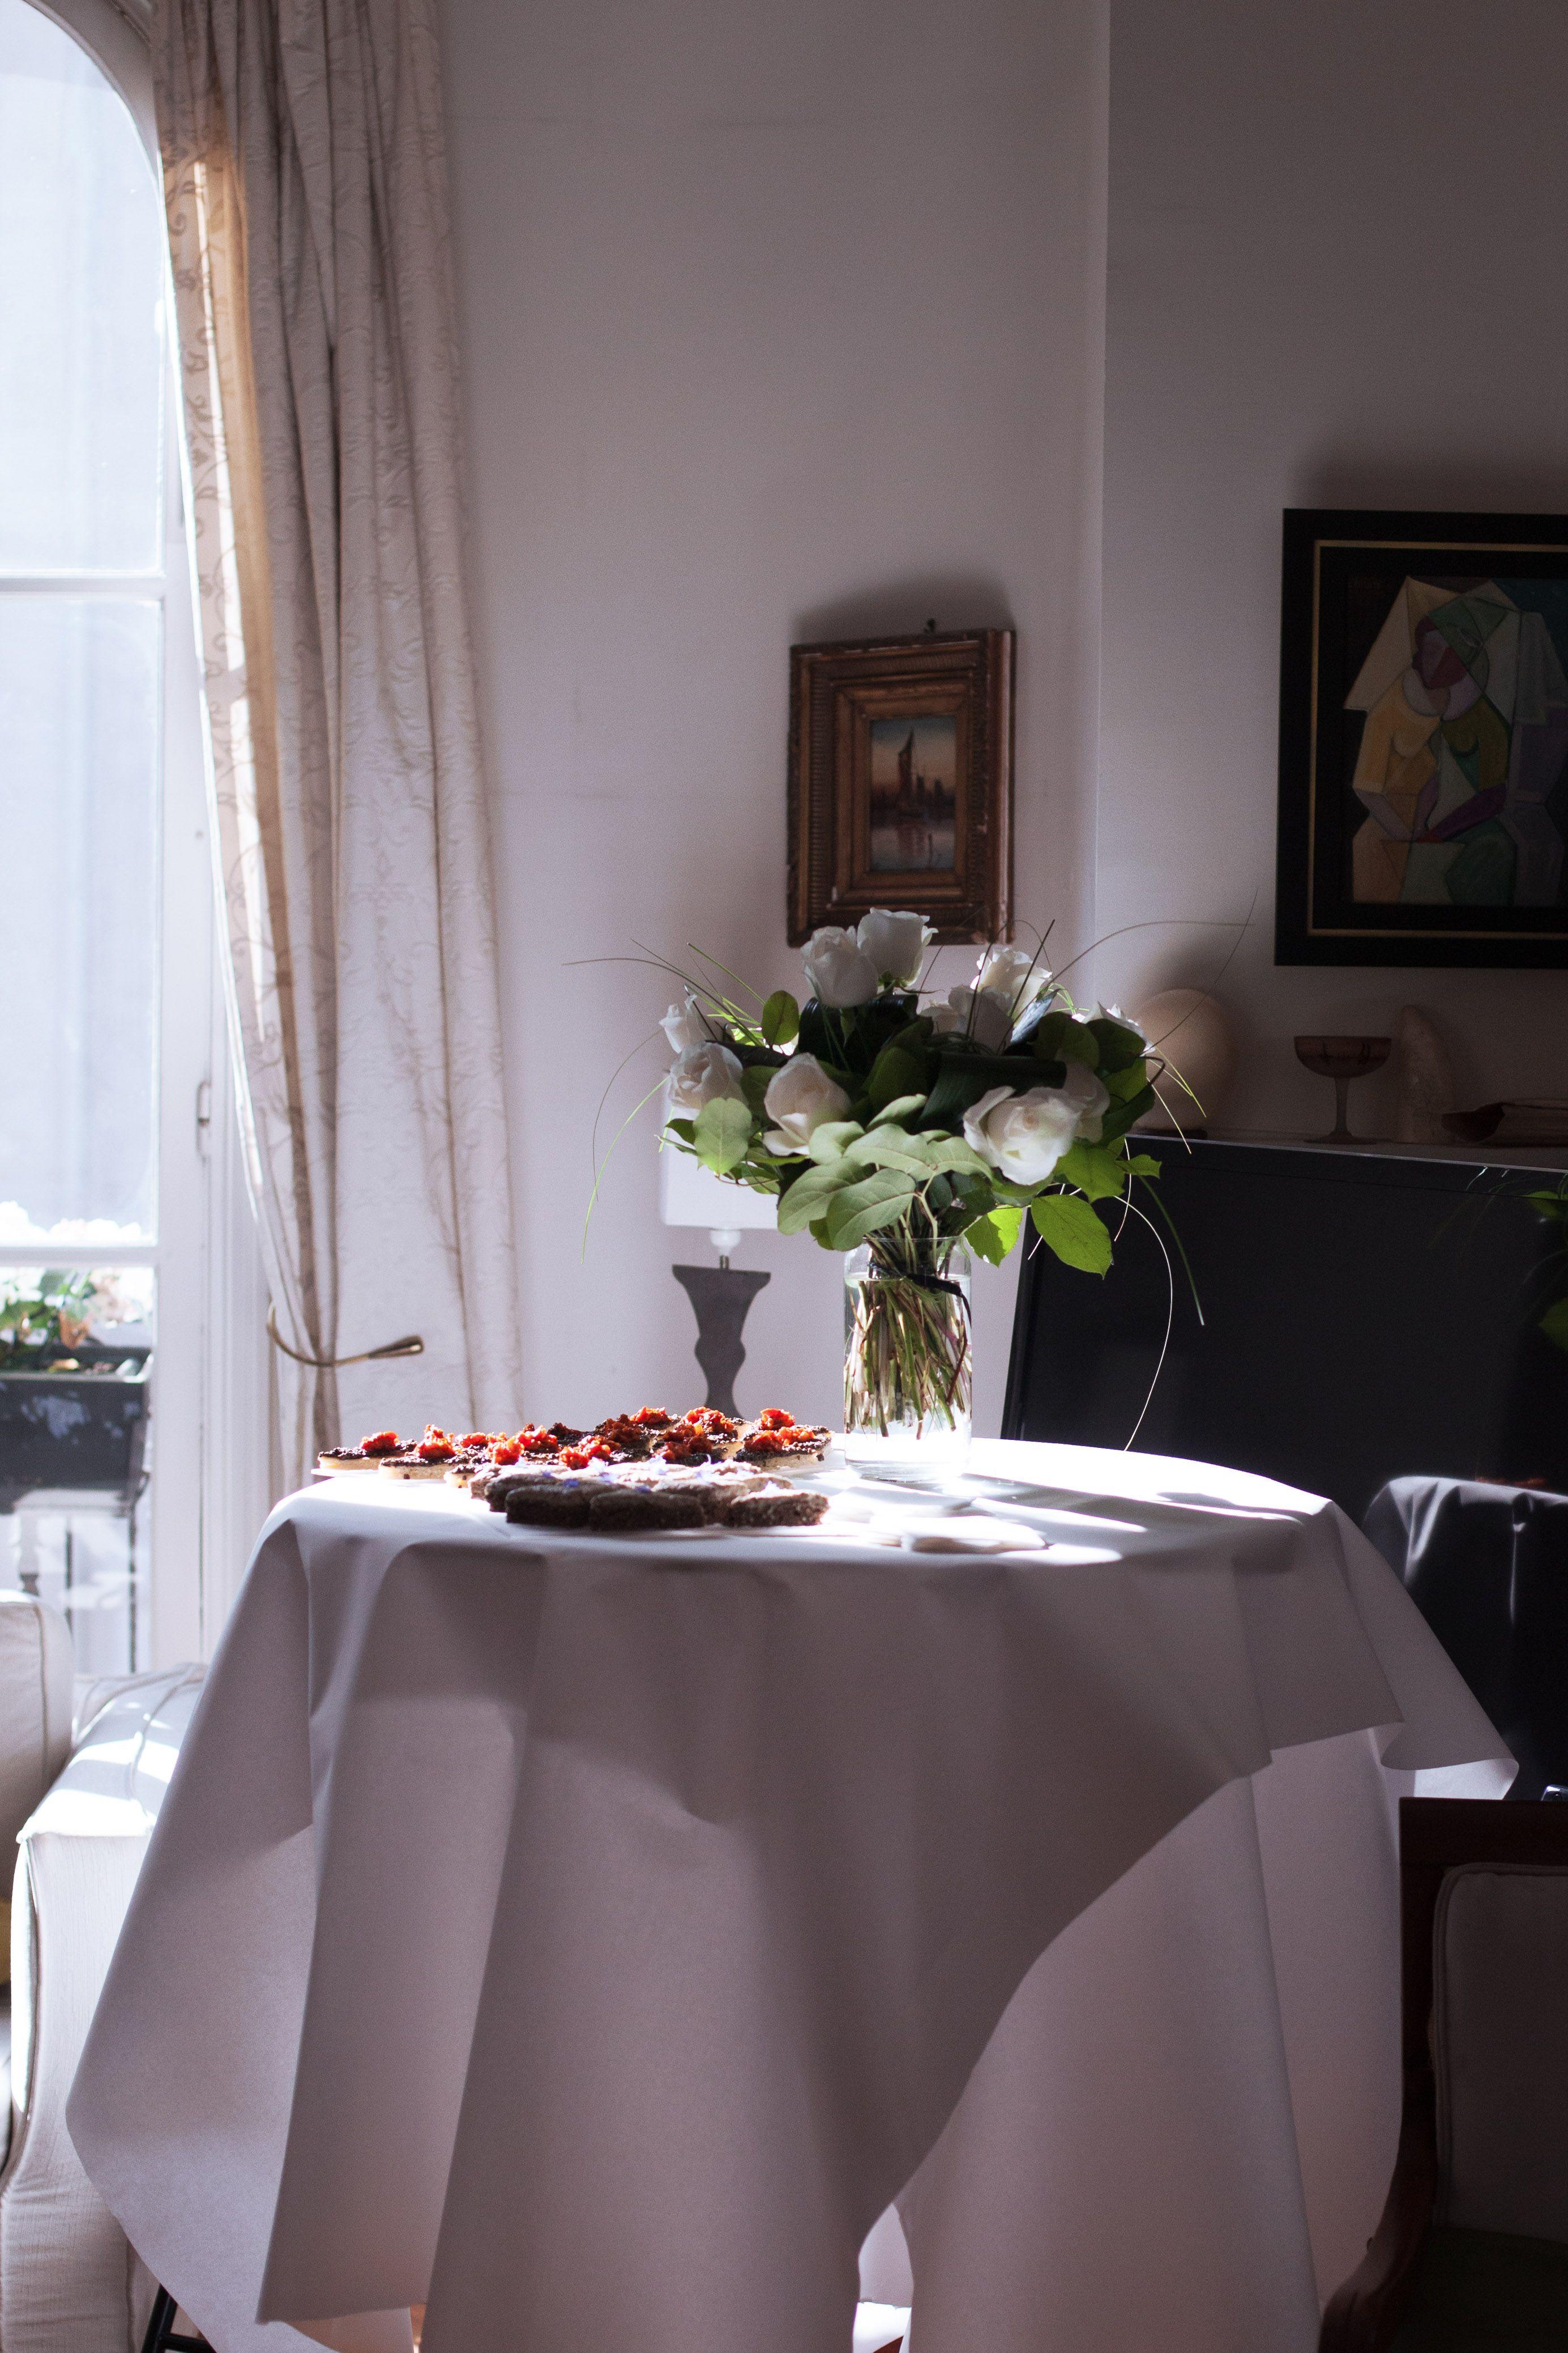 cocktail - mariage - floral - parisien - traiteur - mariage  u00e0 domicile - original